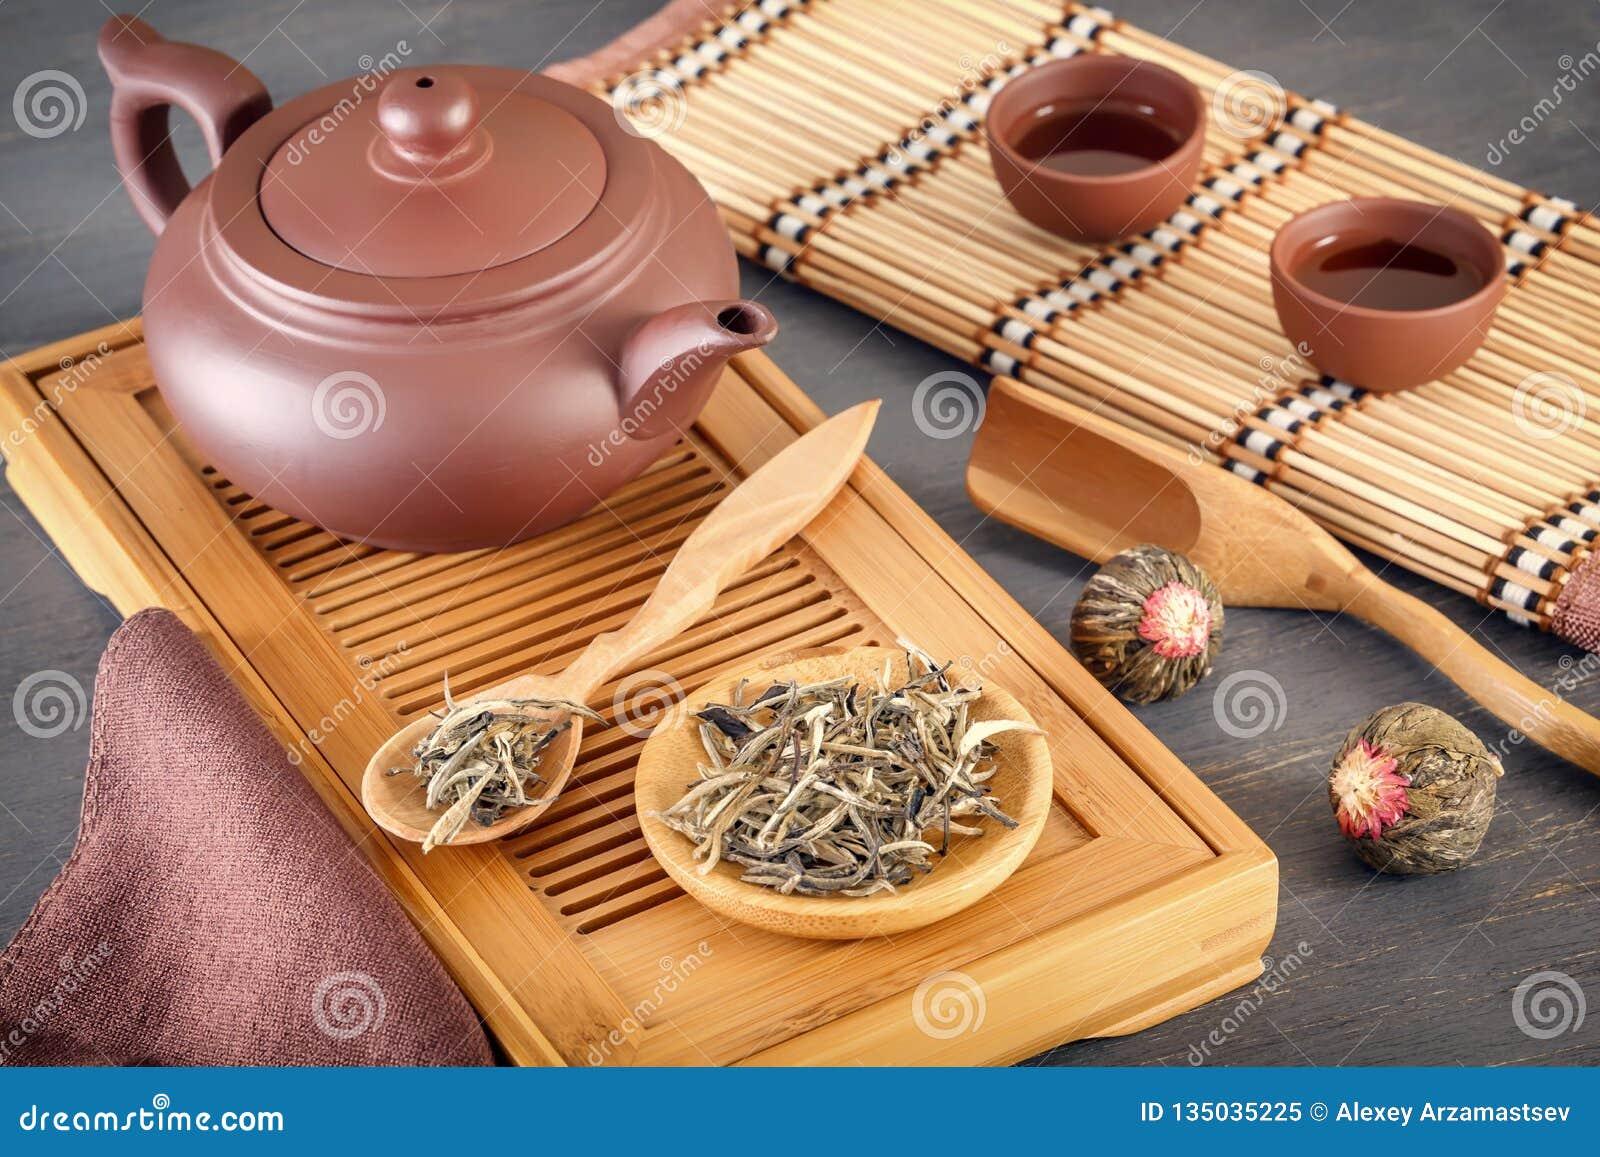 Zielona herbata i atrybuty dla herbacianej ceremonii - ceramiczny teapot, filiżanki, durszlak, chopsticks i pincety, umieszczamy